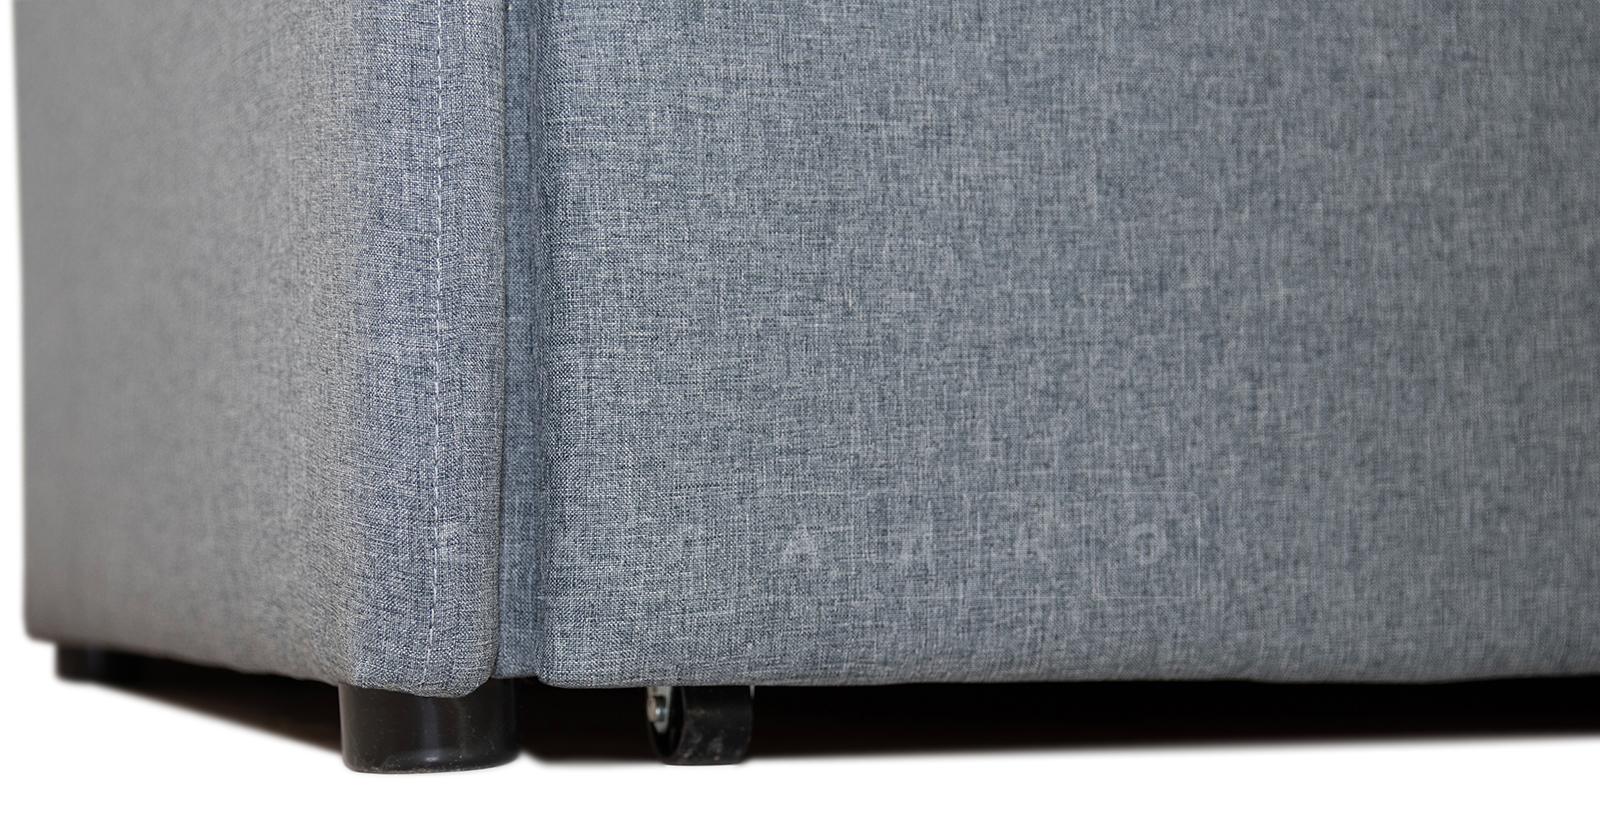 Диван-кровать с узкими подлокотниками Громит 120 серый ТД 133 фото 5 | интернет-магазин Складно